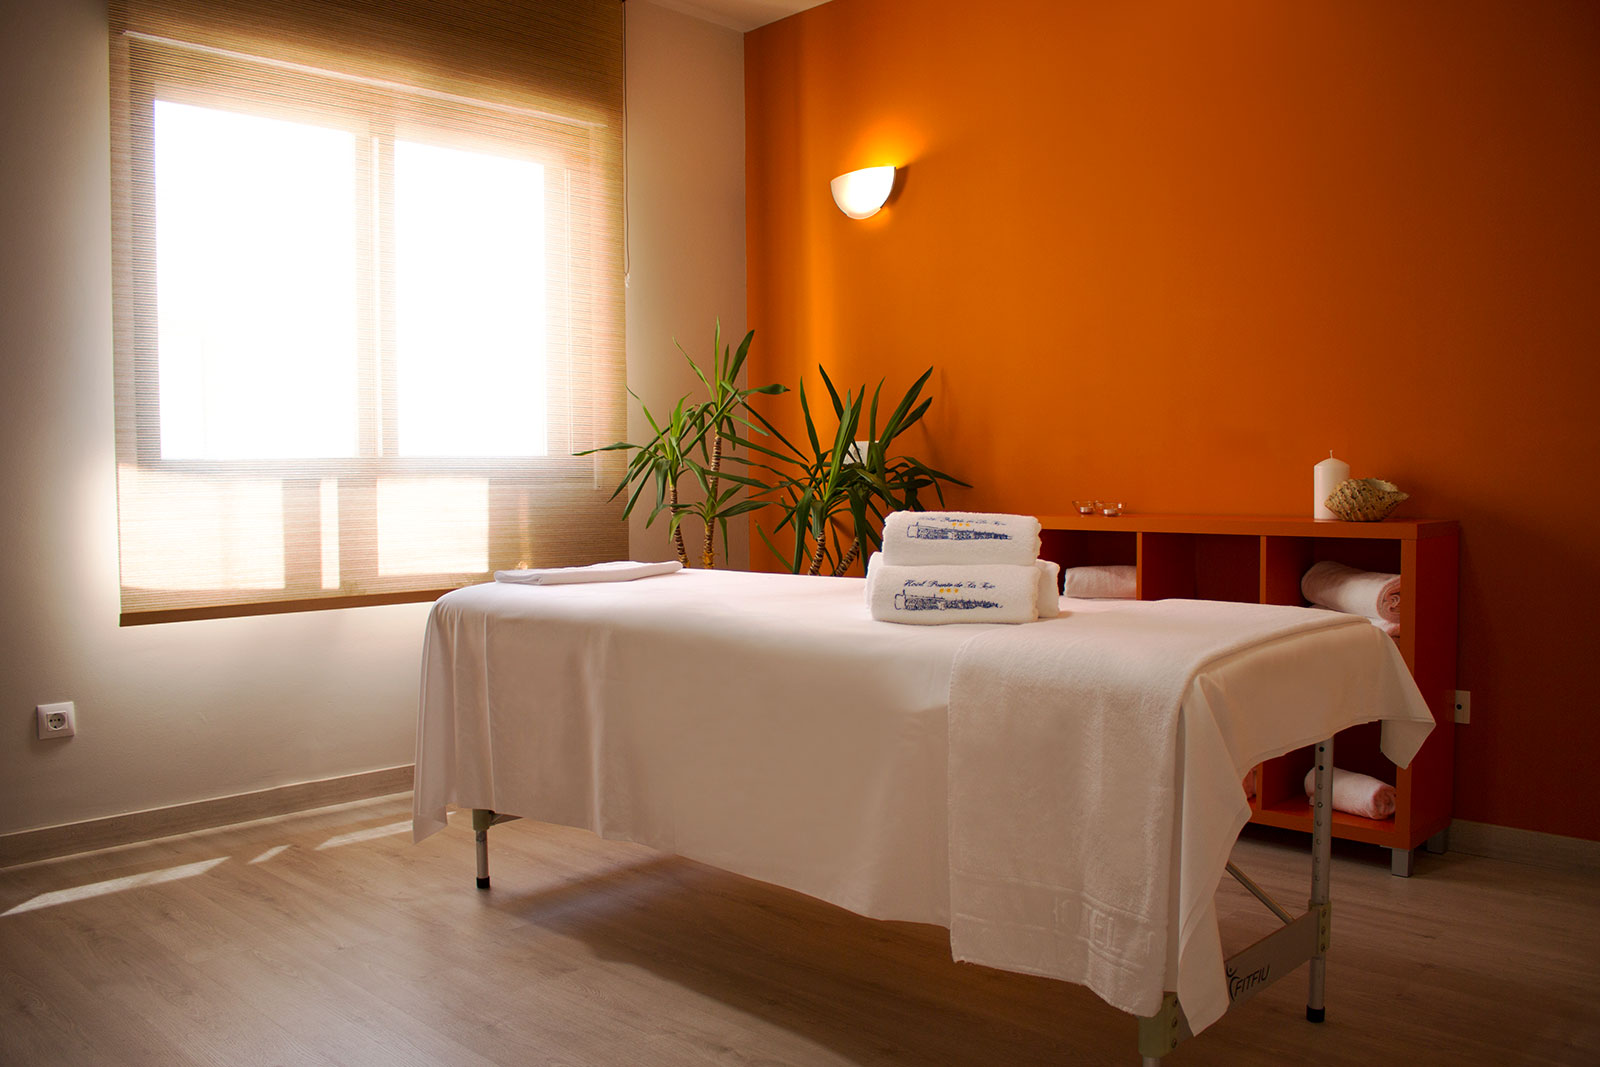 Sala de masajes naranja